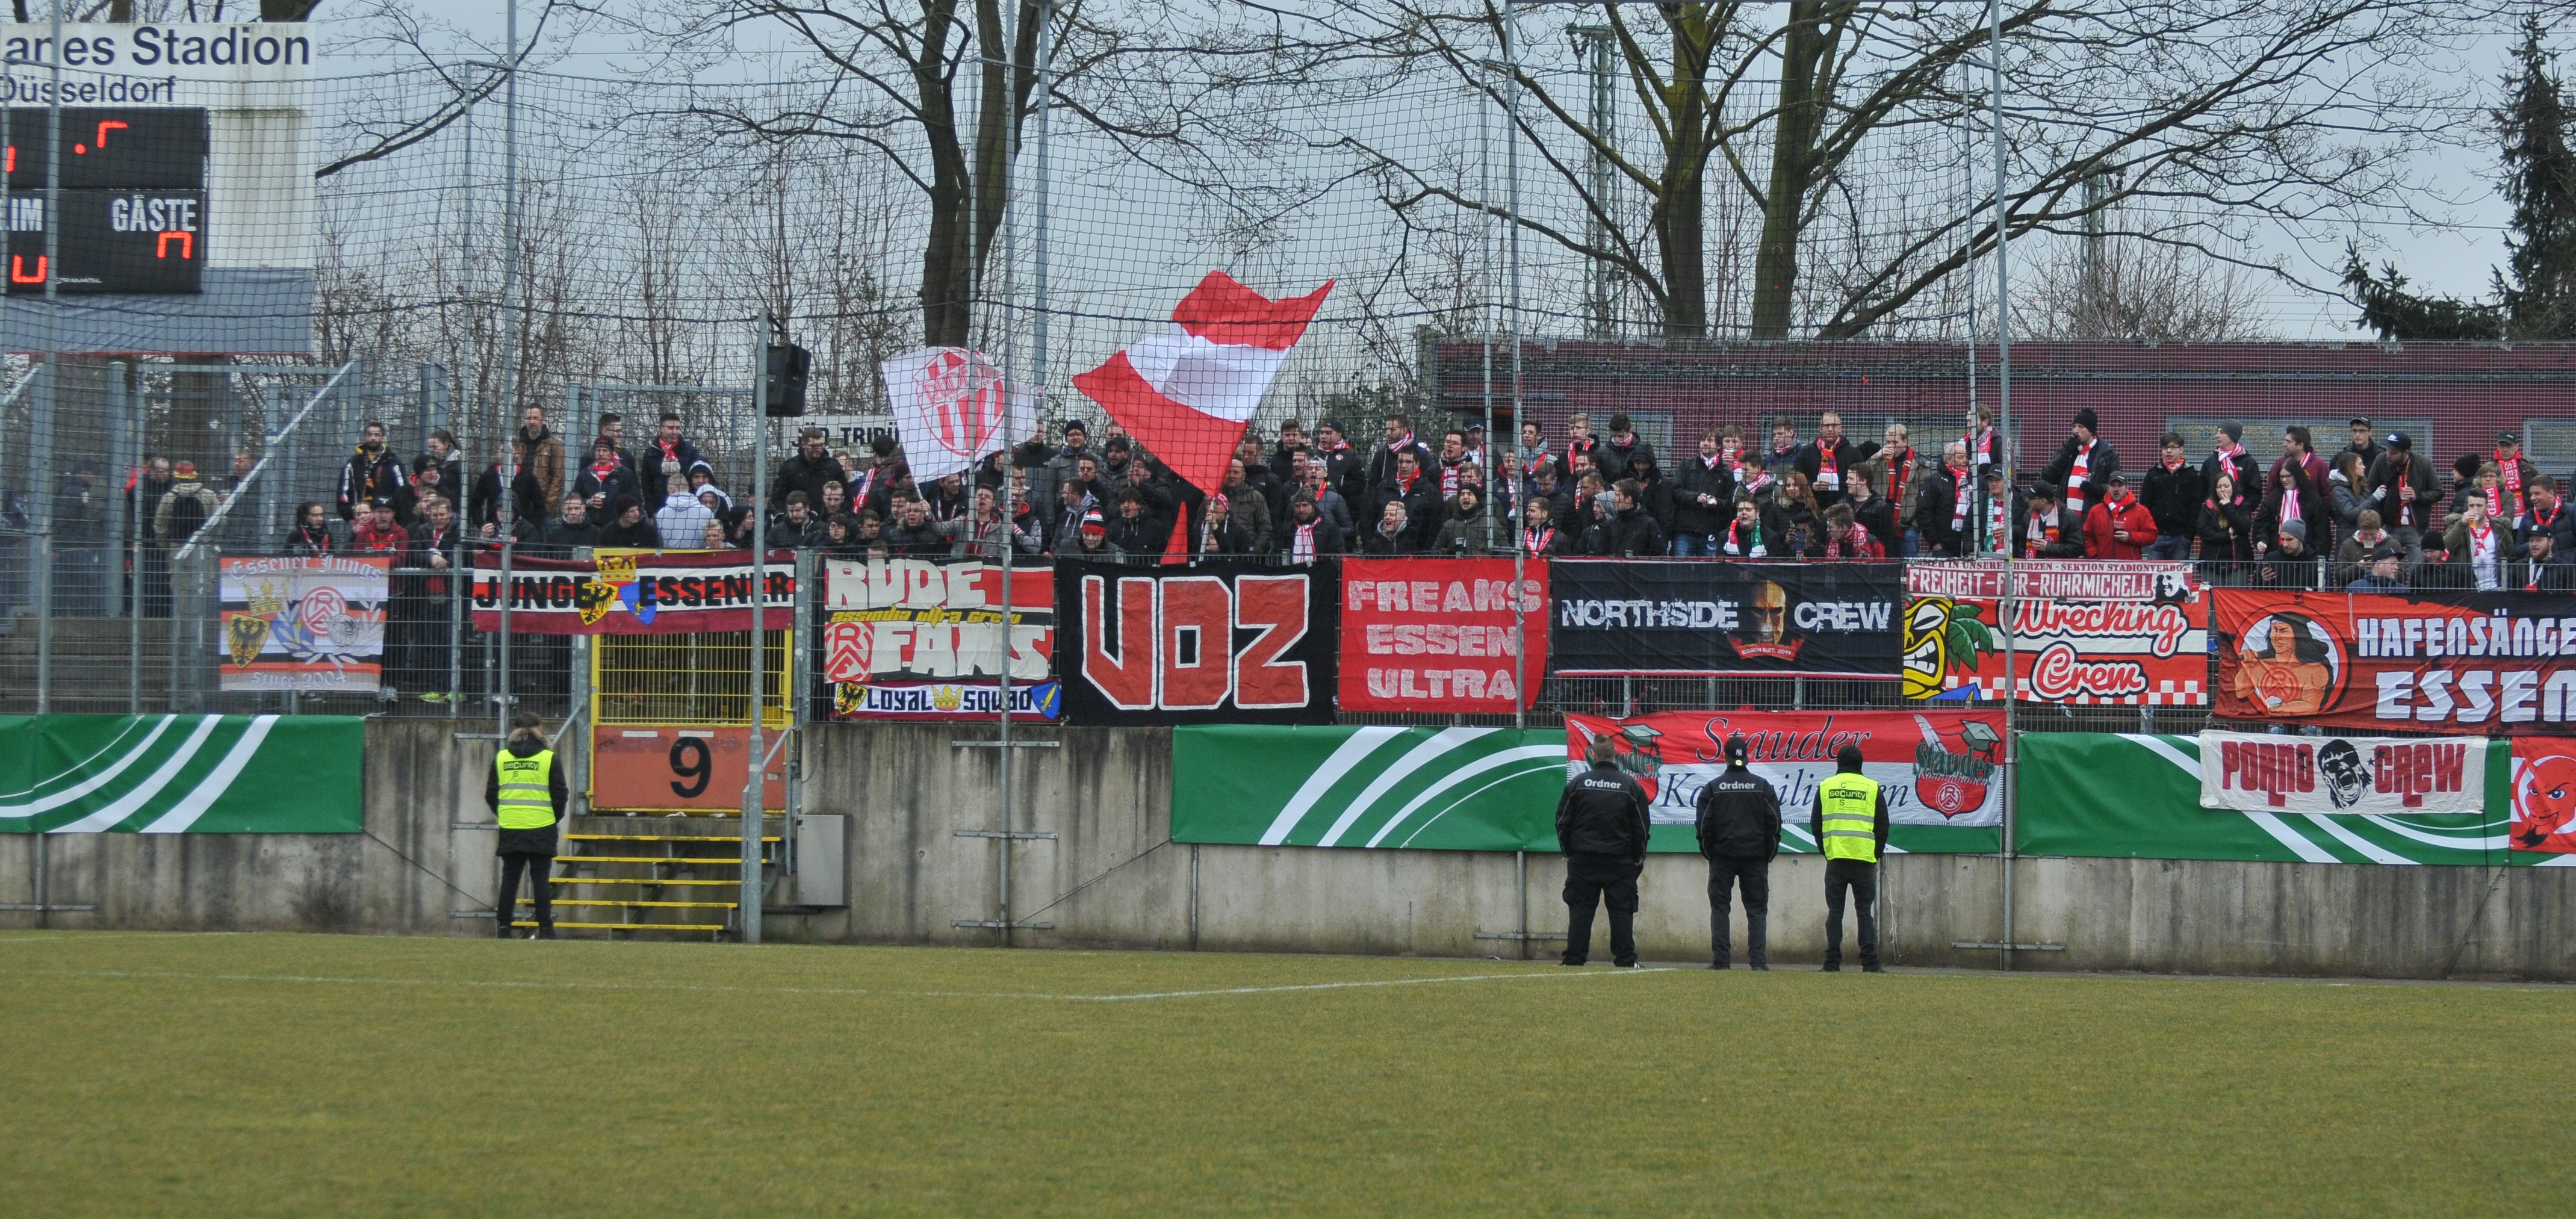 Am kommenden Samstag gastiert Rot-Weiss Essen bei Fortuna Düsseldorf, Karten sind ab morgen erhältlich. (Foto: Rotzoll)